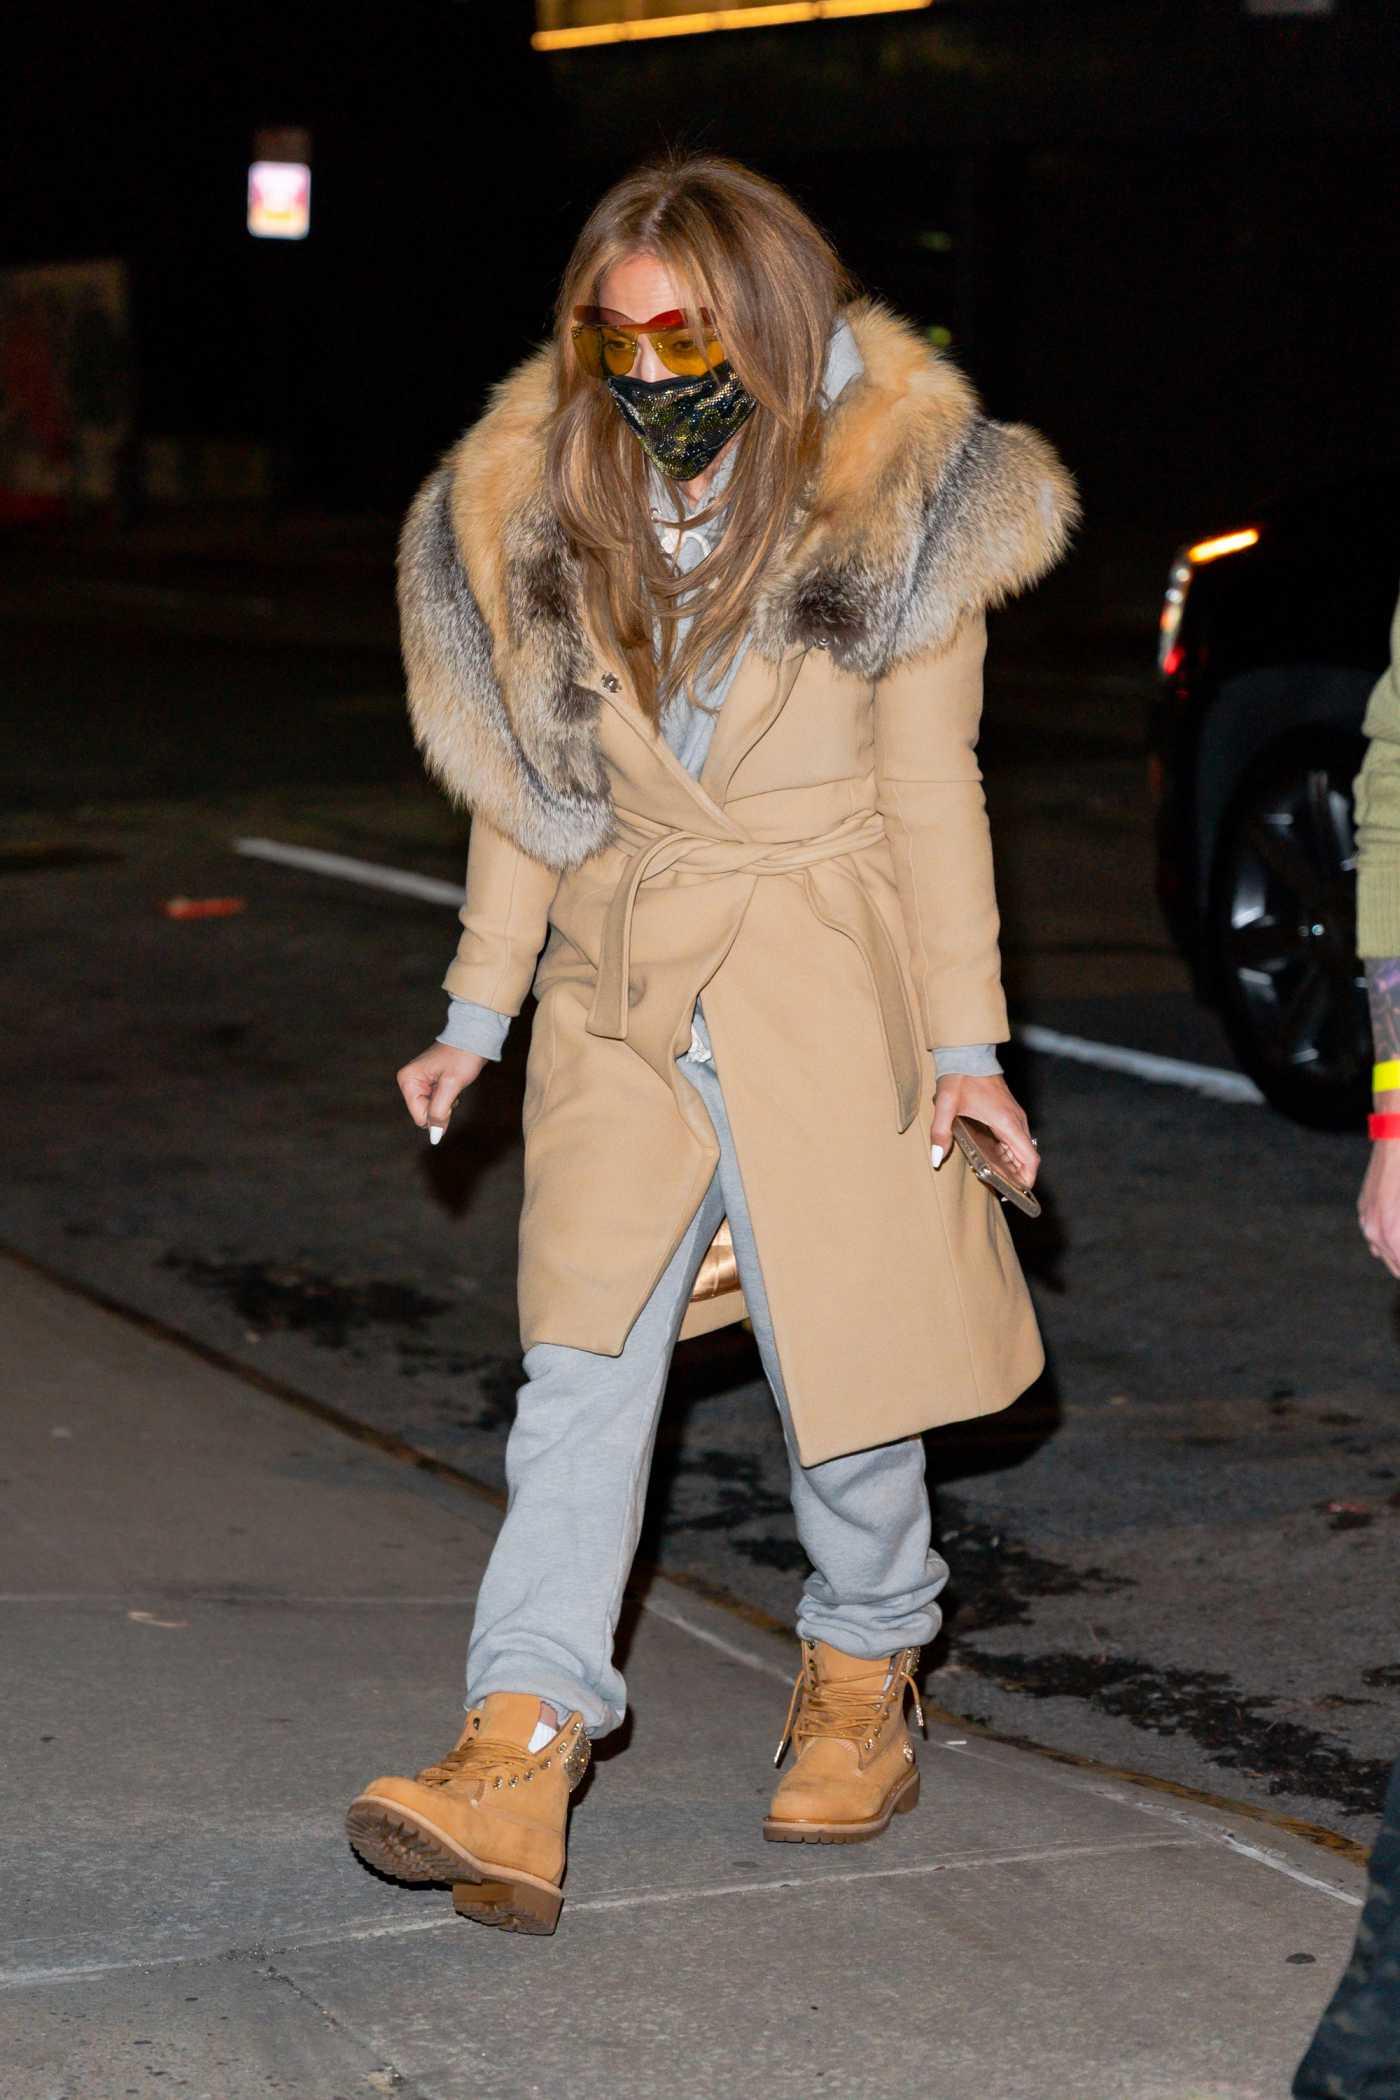 Jennifer Lopez in a Beige Coat Leaves a Studio in New York 12/27/2020